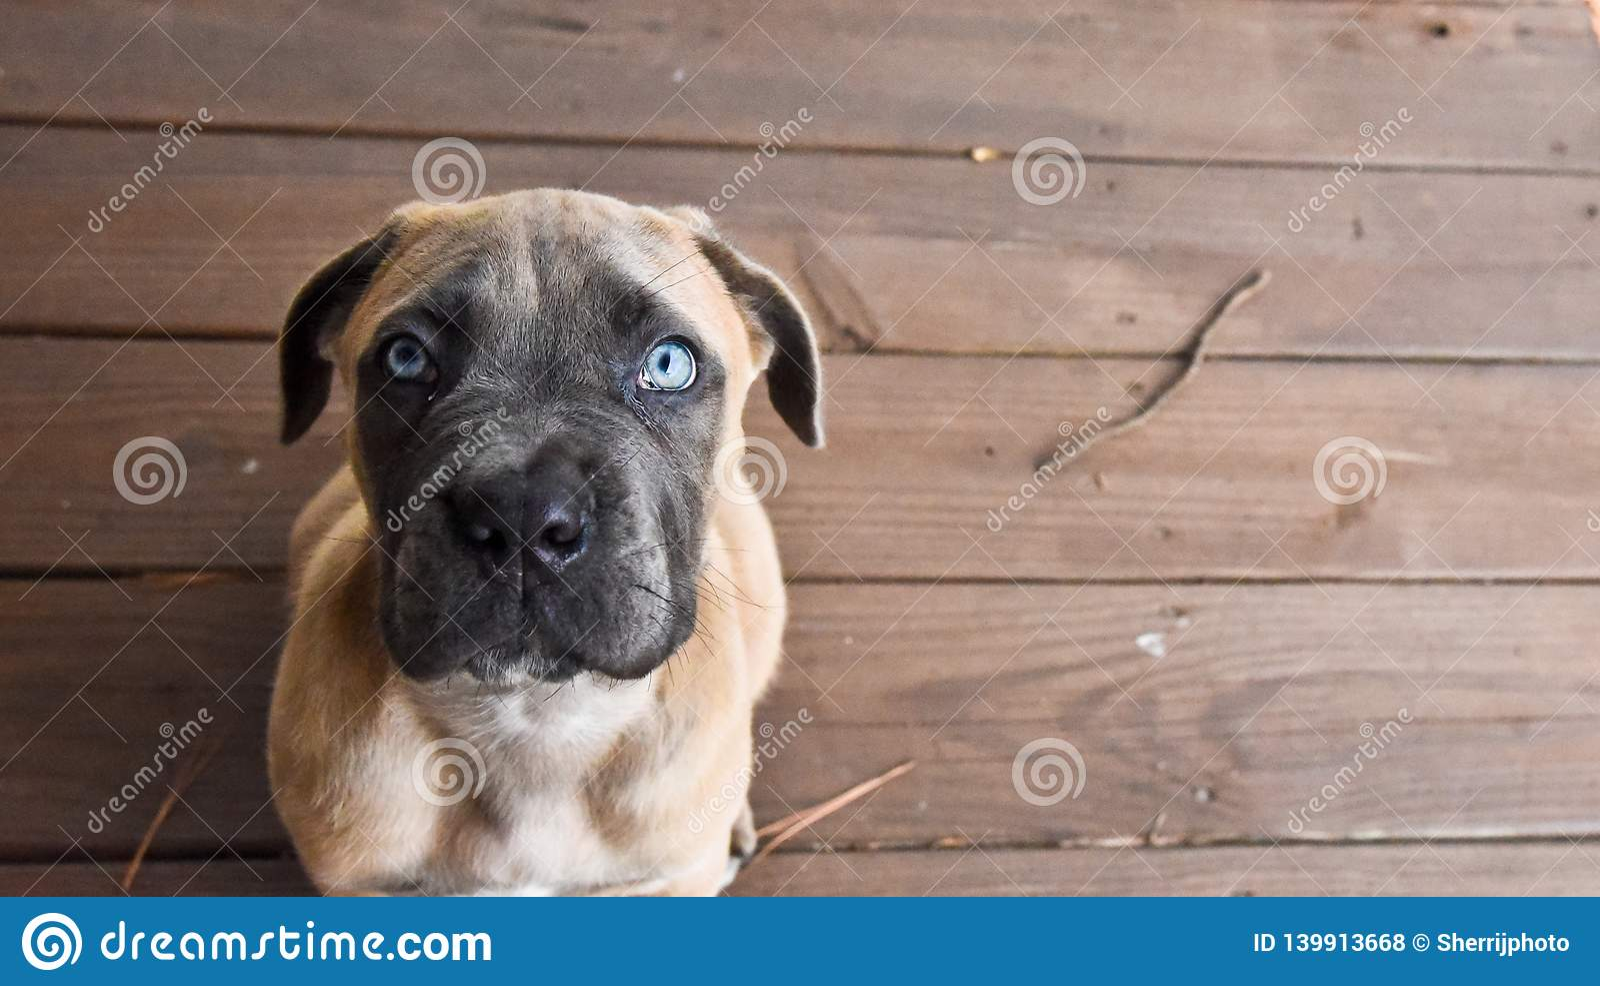 Cucciolo di Cane Corso che cerca con gli occhi azzurri